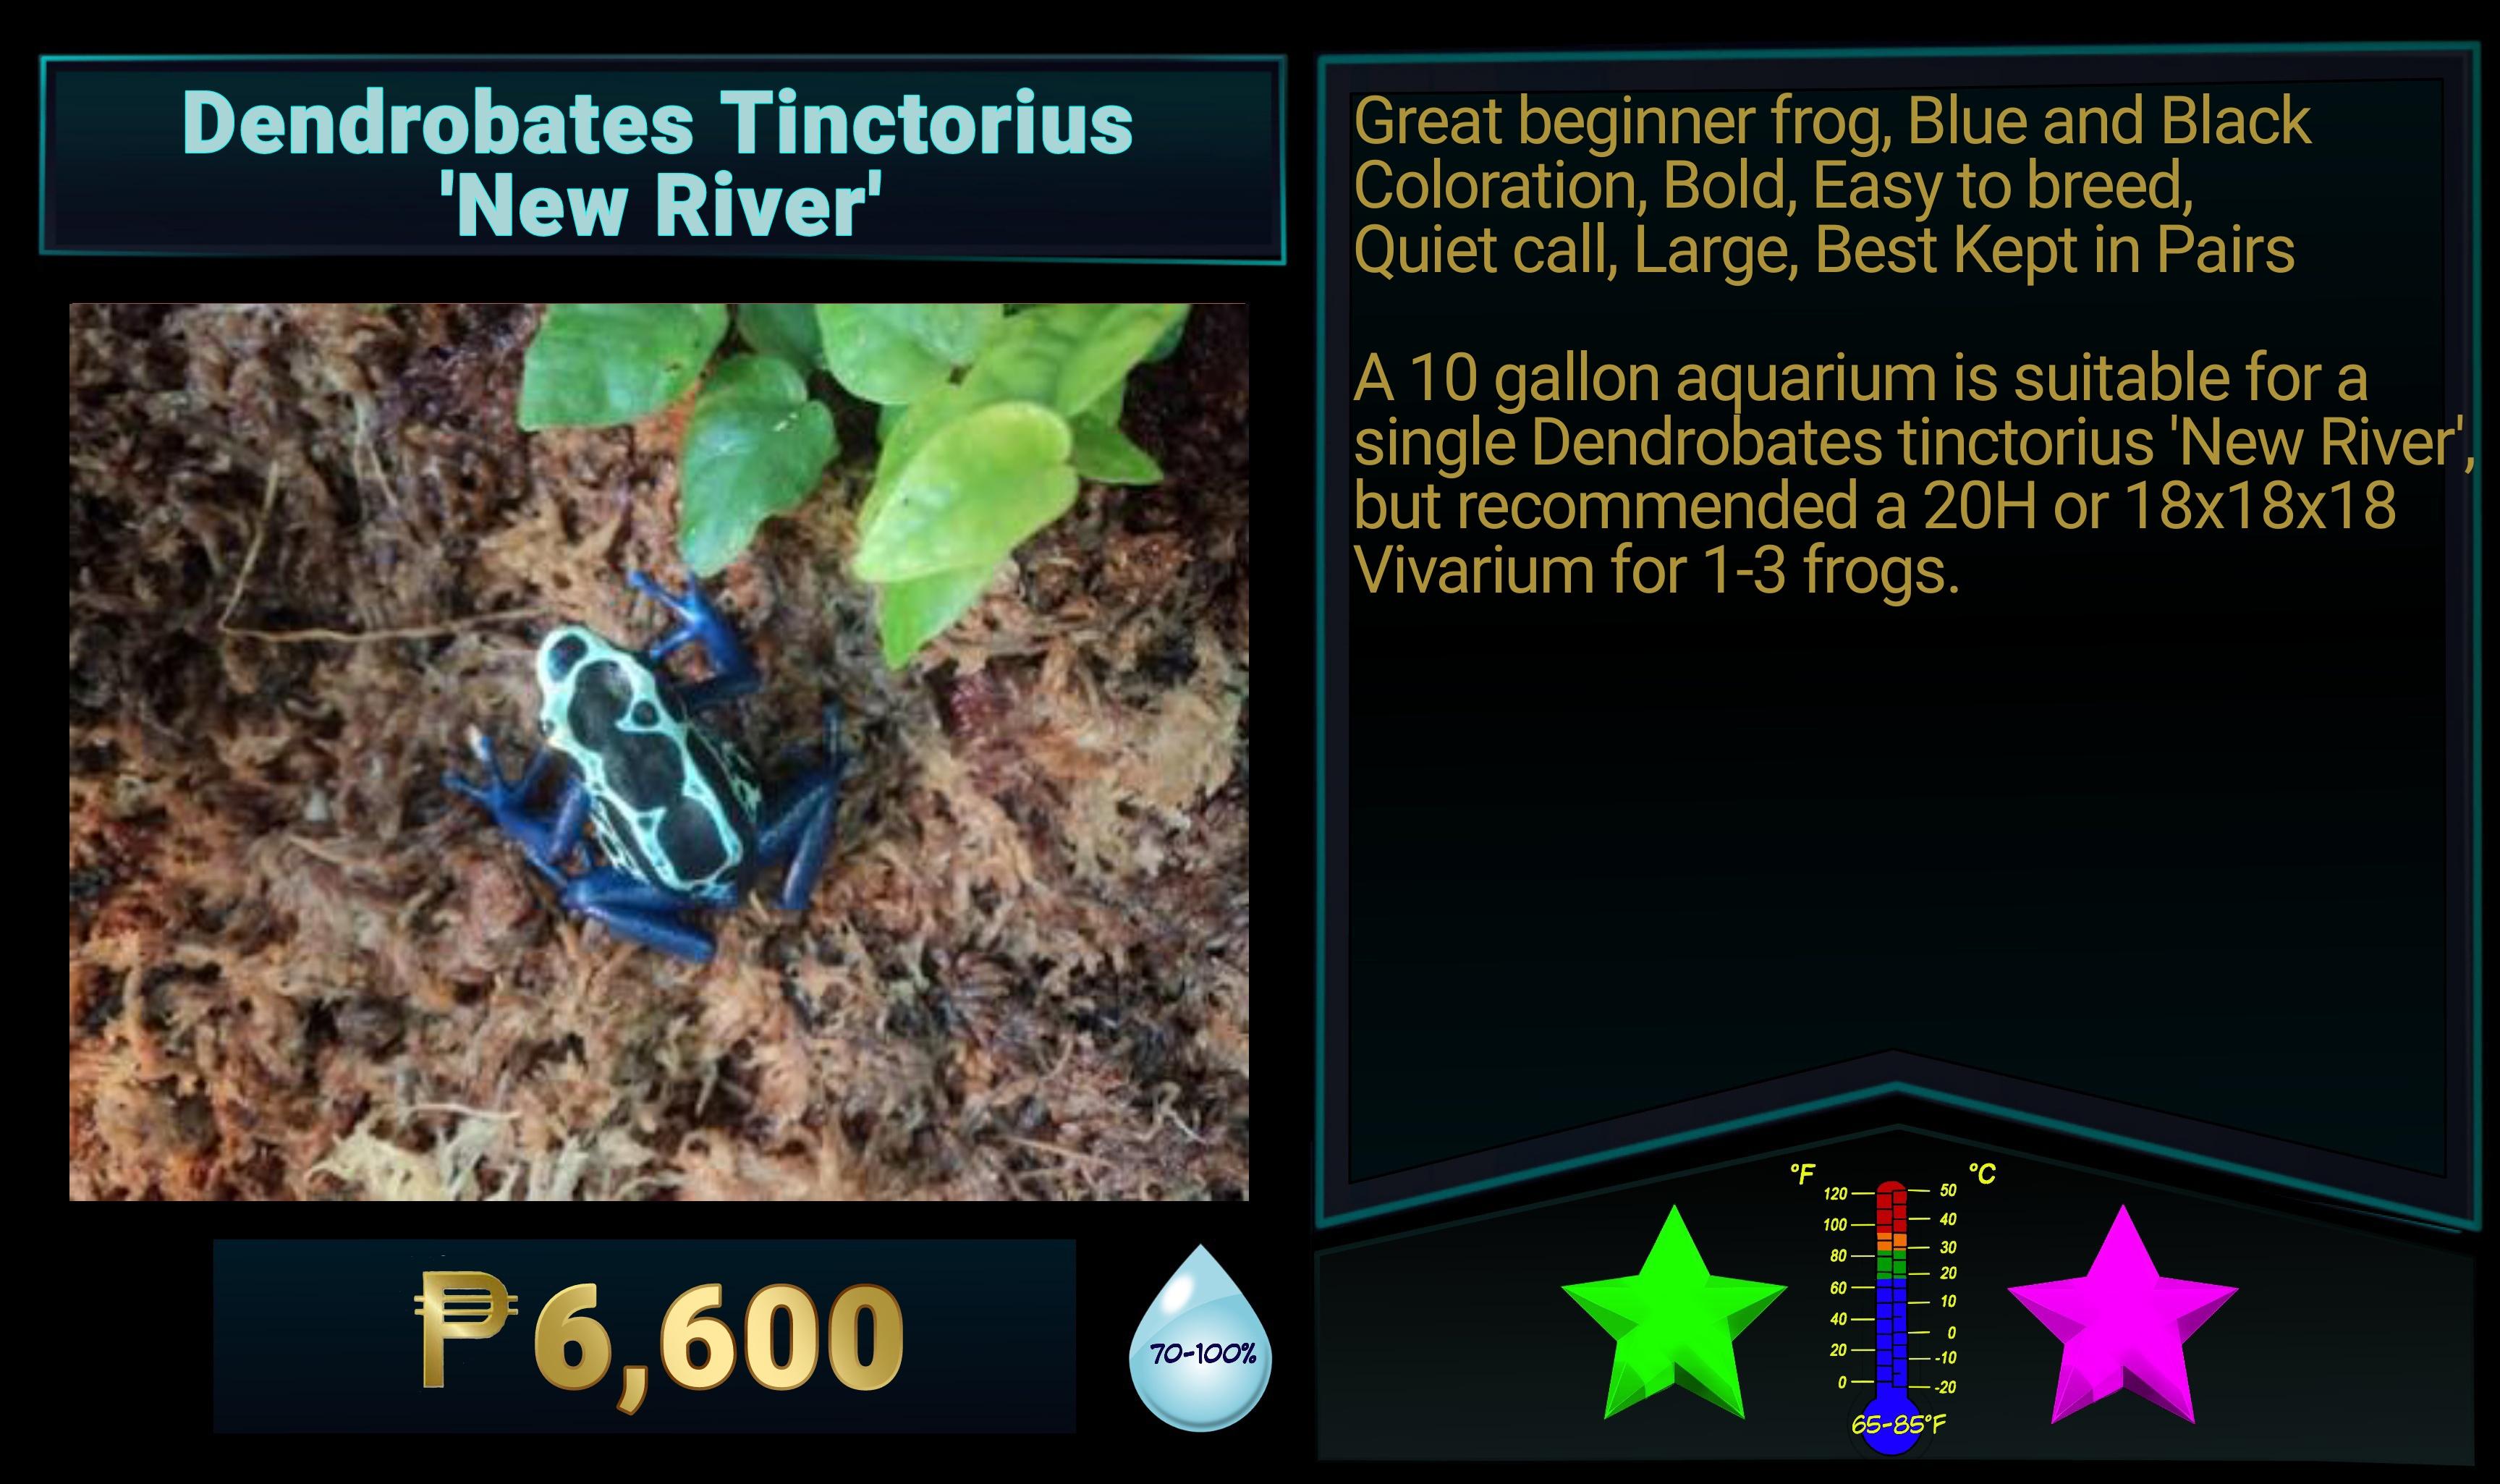 Dendrobates tinctorius New River